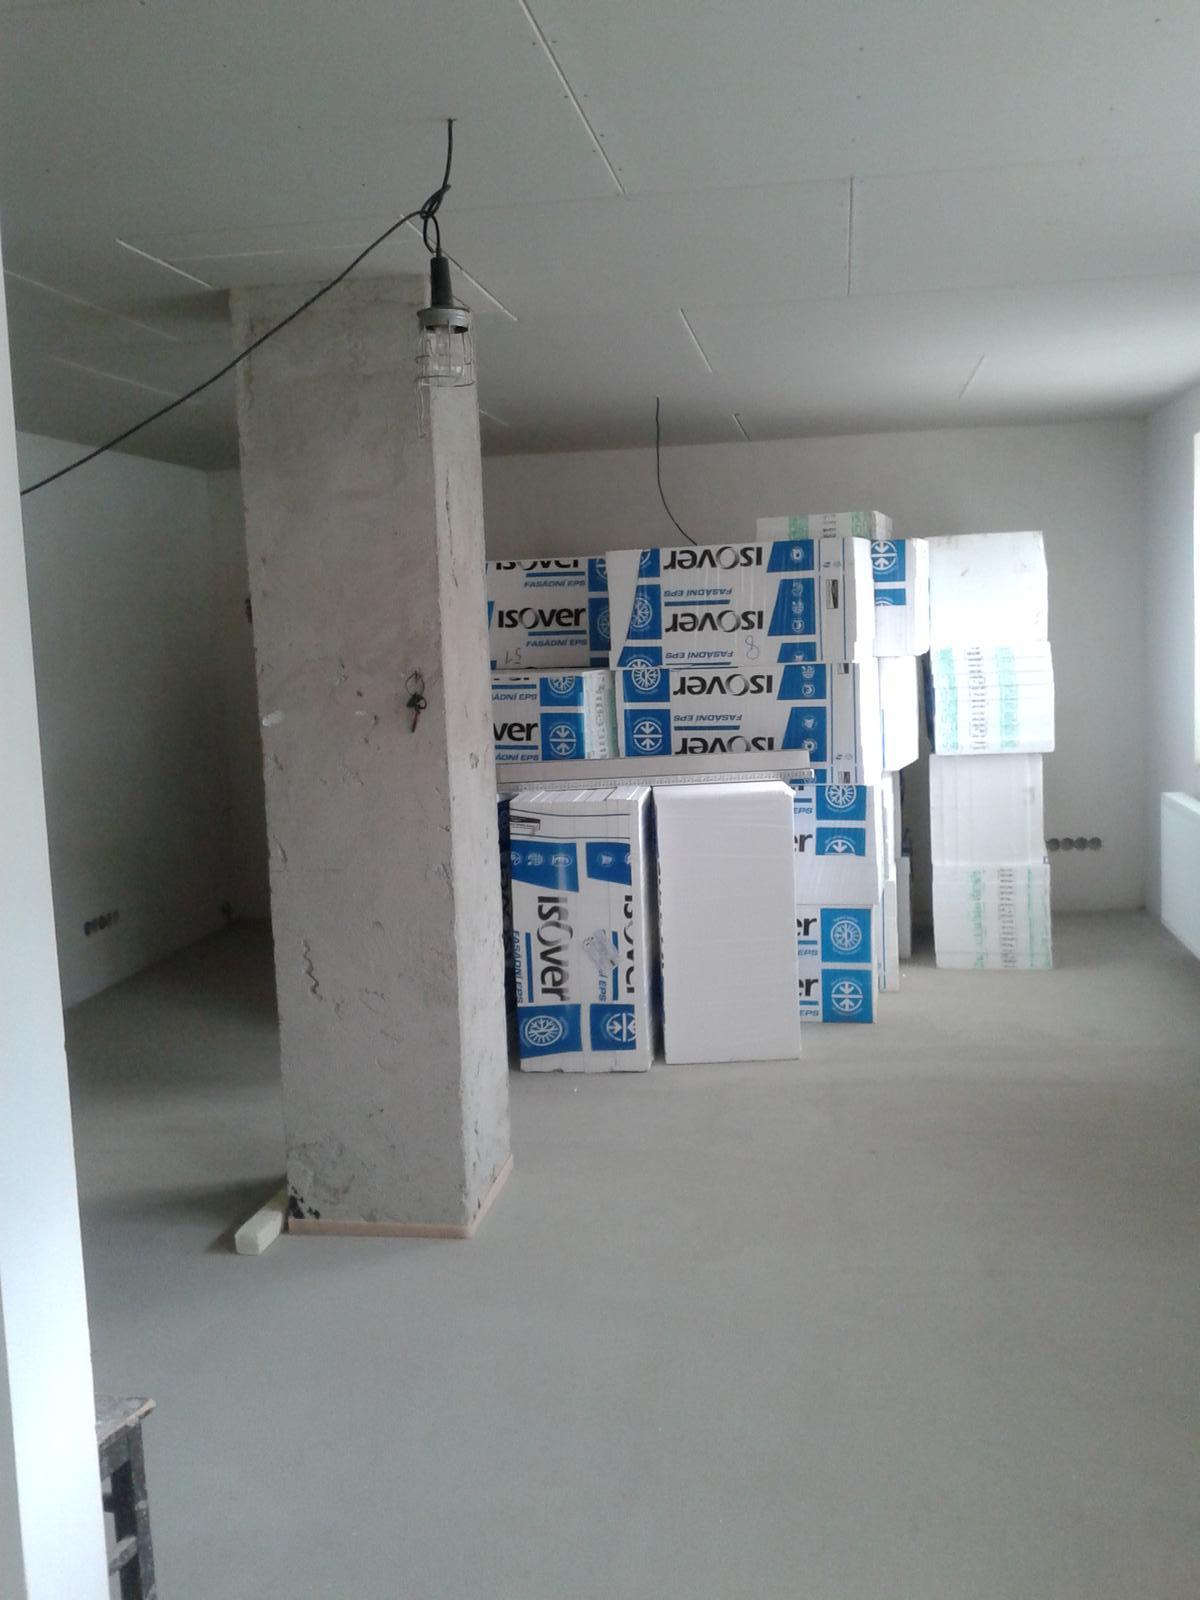 Domeček rekonstruujeme pro rodiče - chtěla jsem fotku prázdného obýváku už je zase plný ;-) v neděli se asi začne se zateplenim